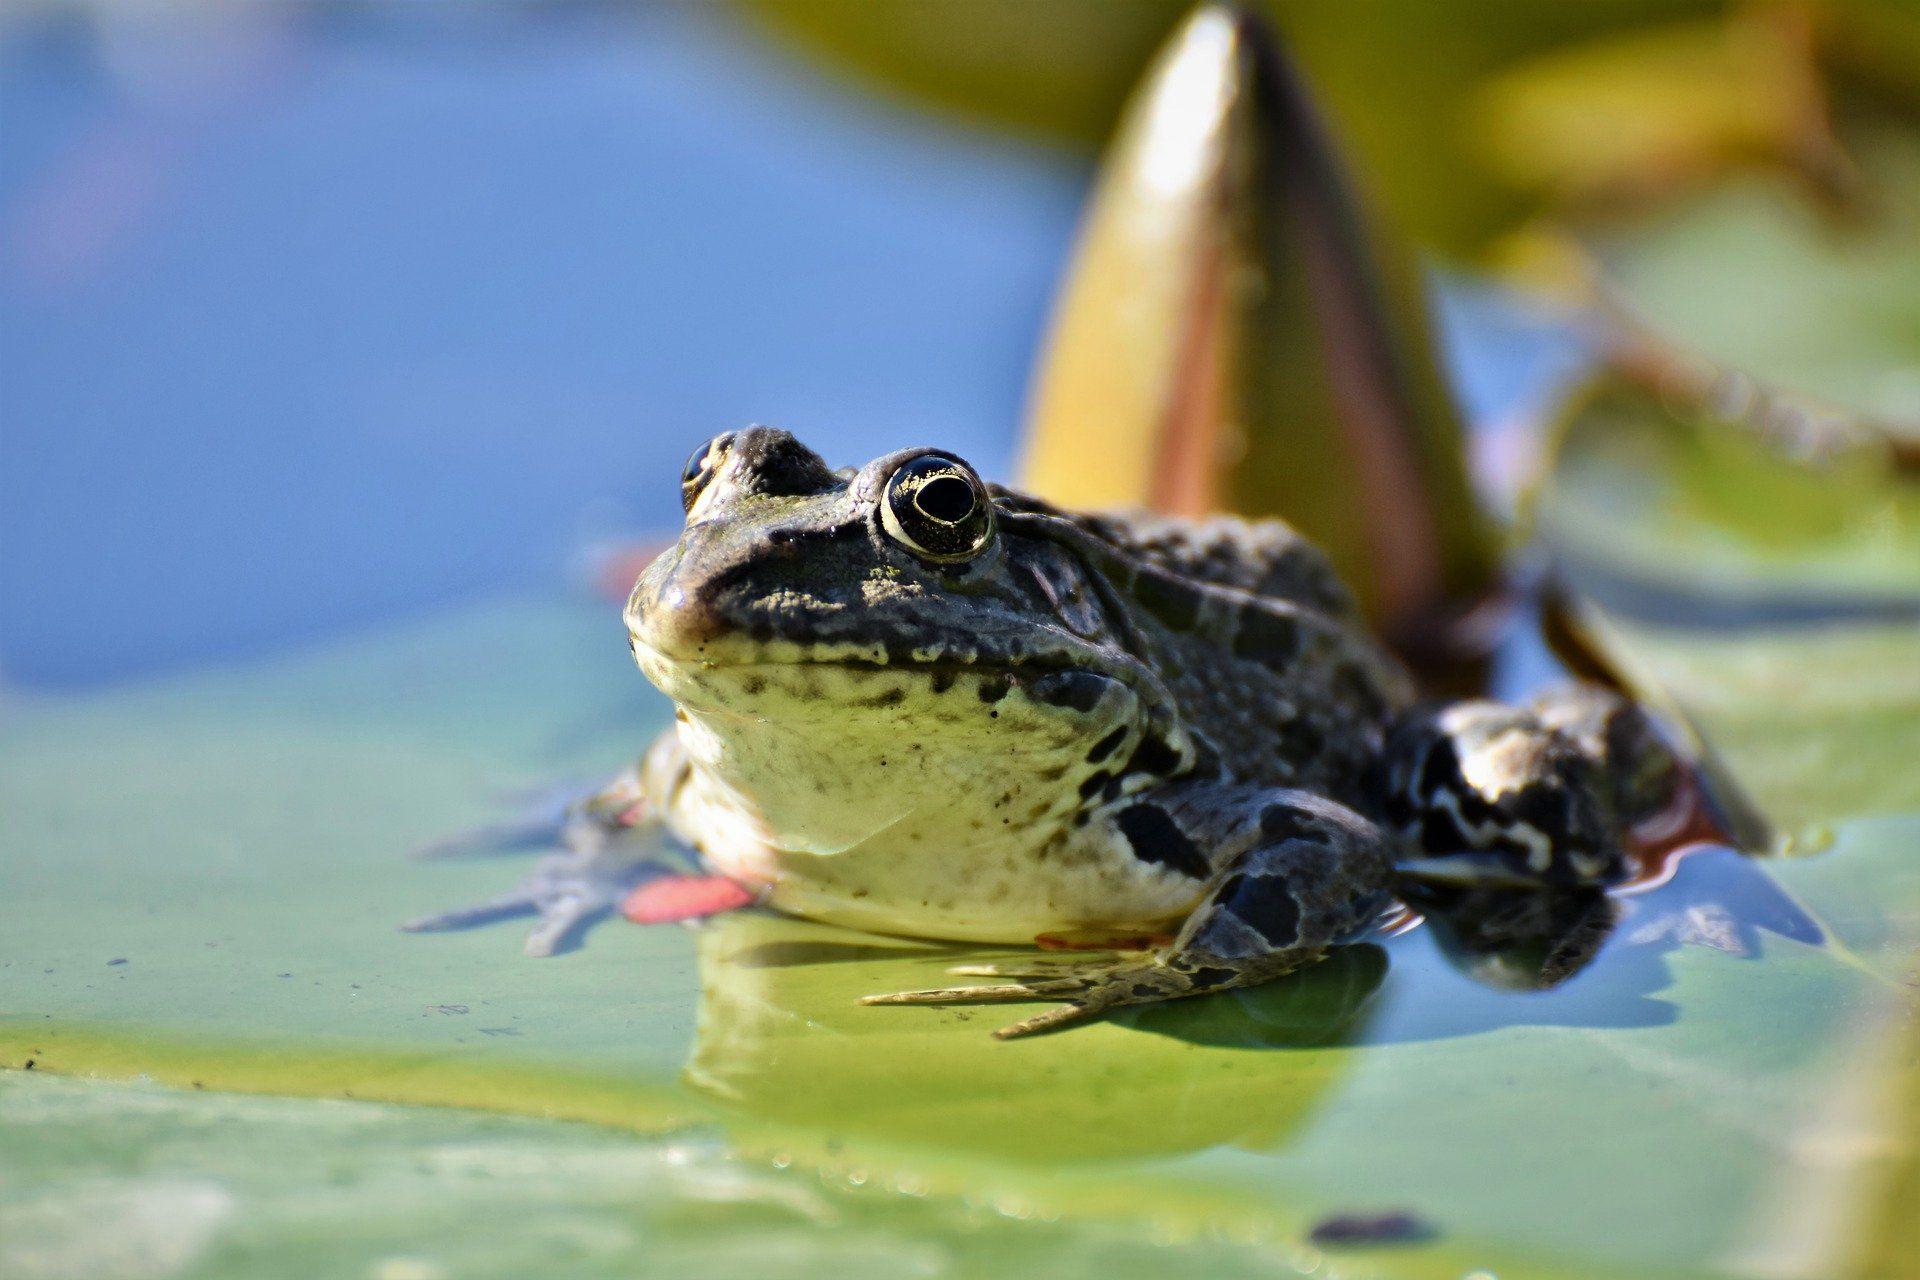 Смотреть лучшее фото жабы